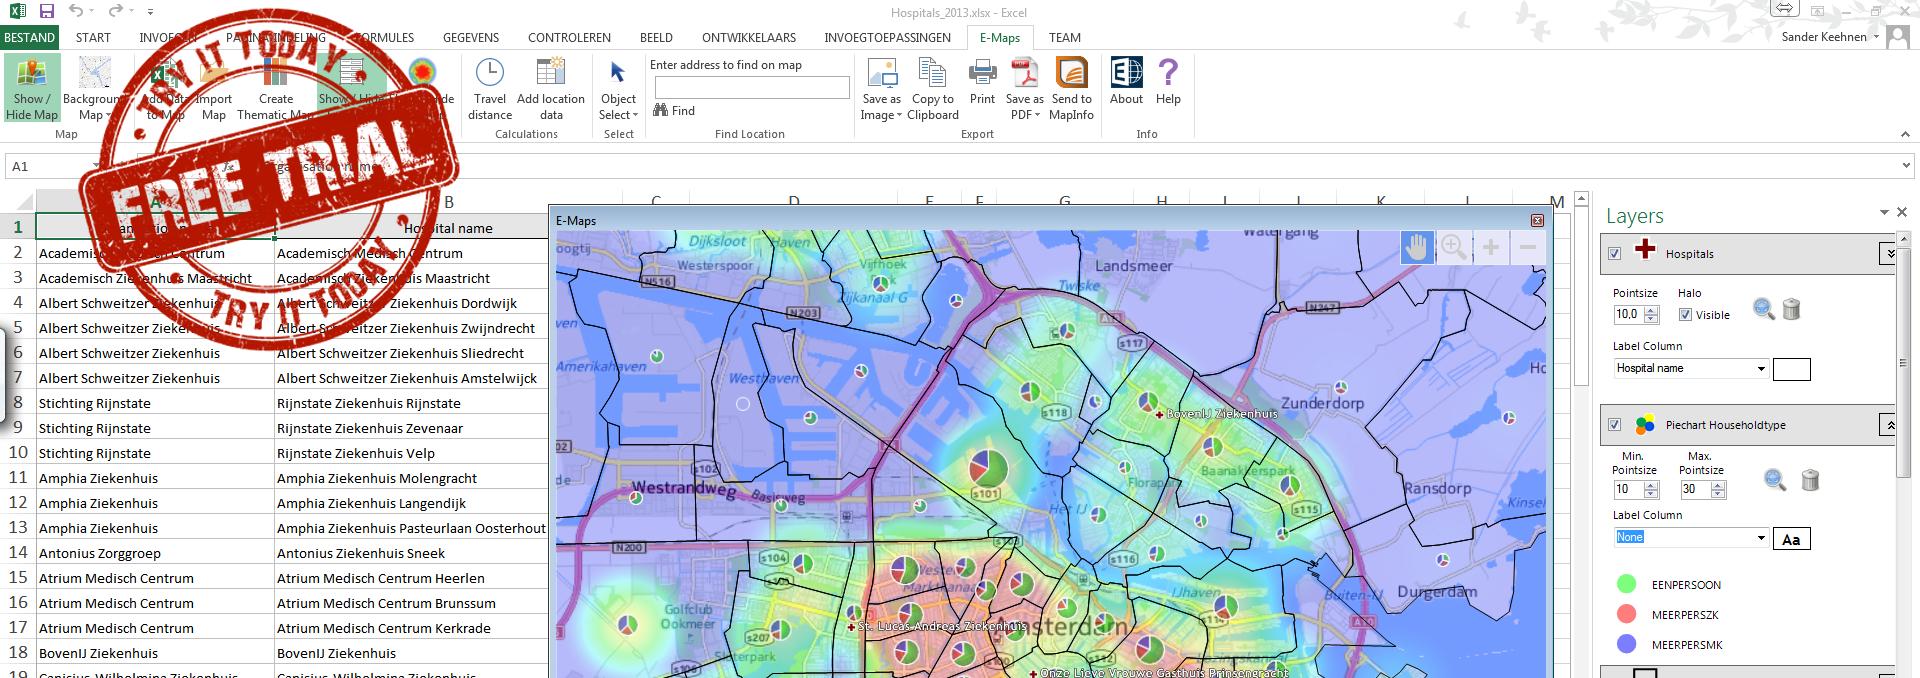 E-Maps evaluatie